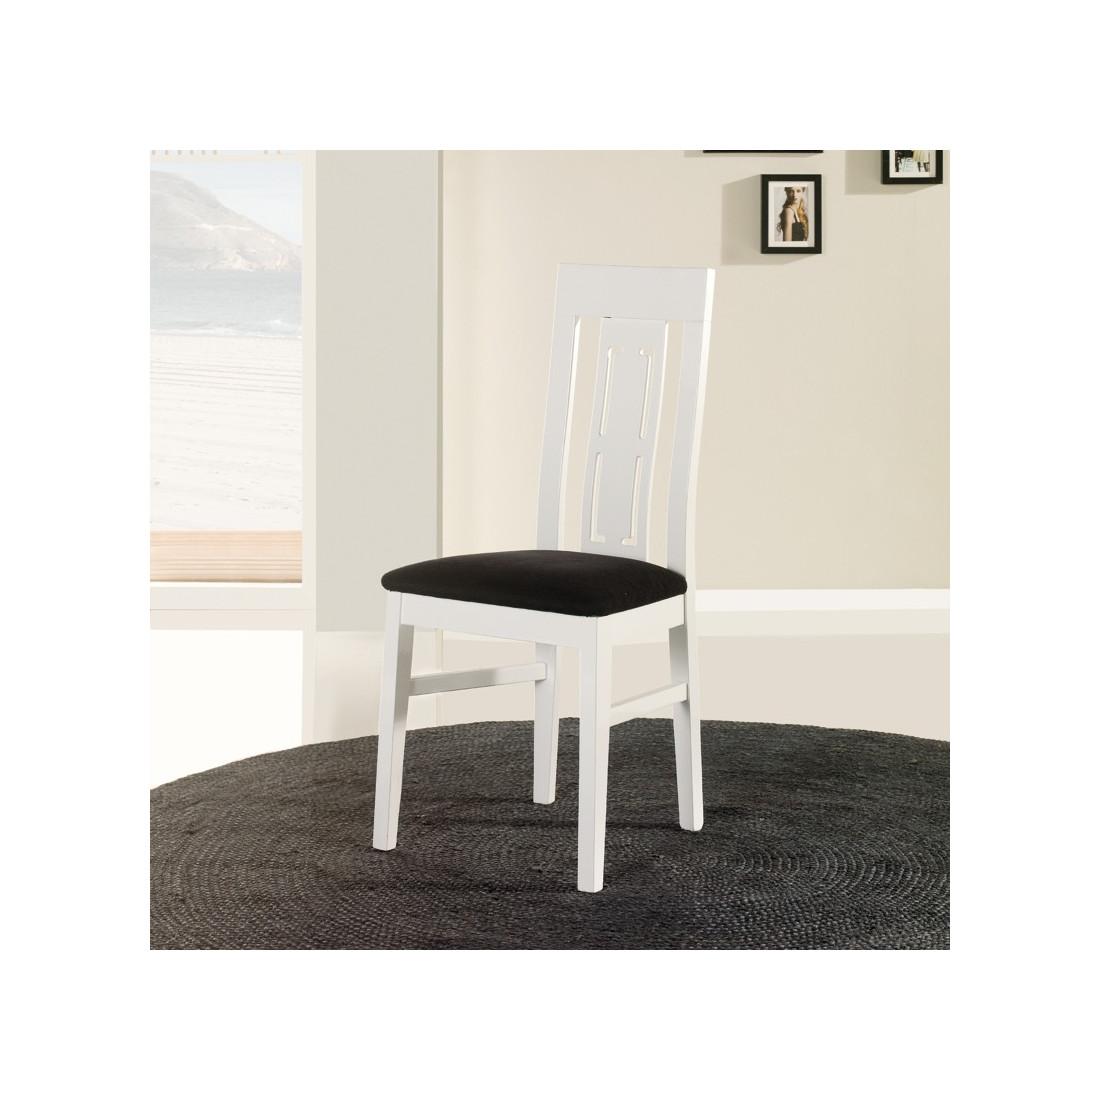 Chaise blanche assise microfibre n 1 mercure univers - Chaise en bois blanc ...